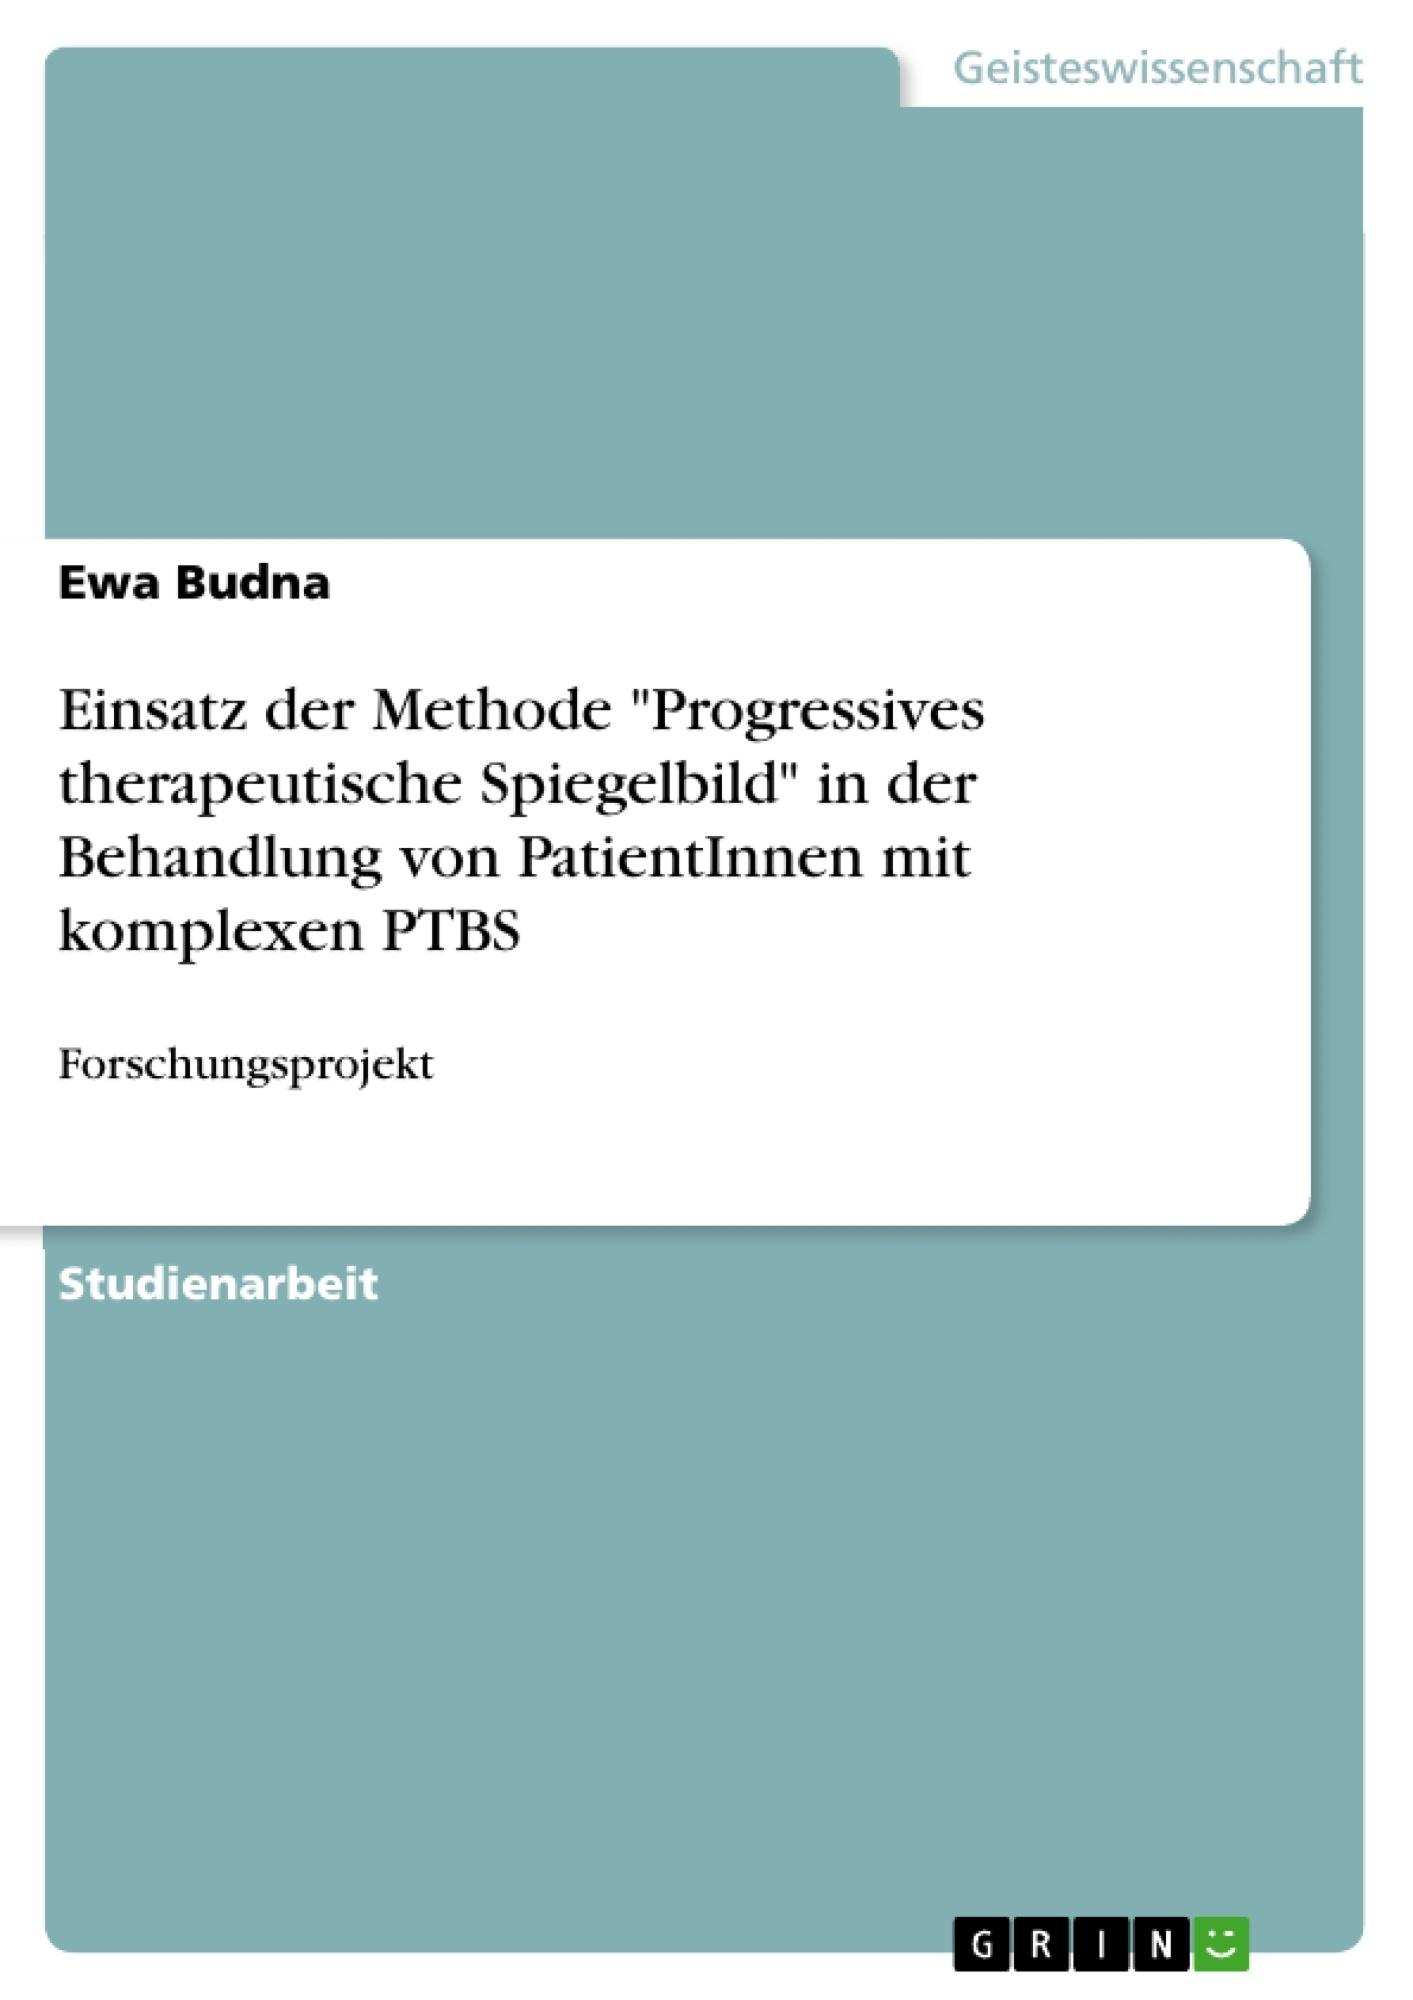 """Titel: Einsatz der Methode """"Progressives therapeutische Spiegelbild"""" in der Behandlung von PatientInnen mit komplexen PTBS"""